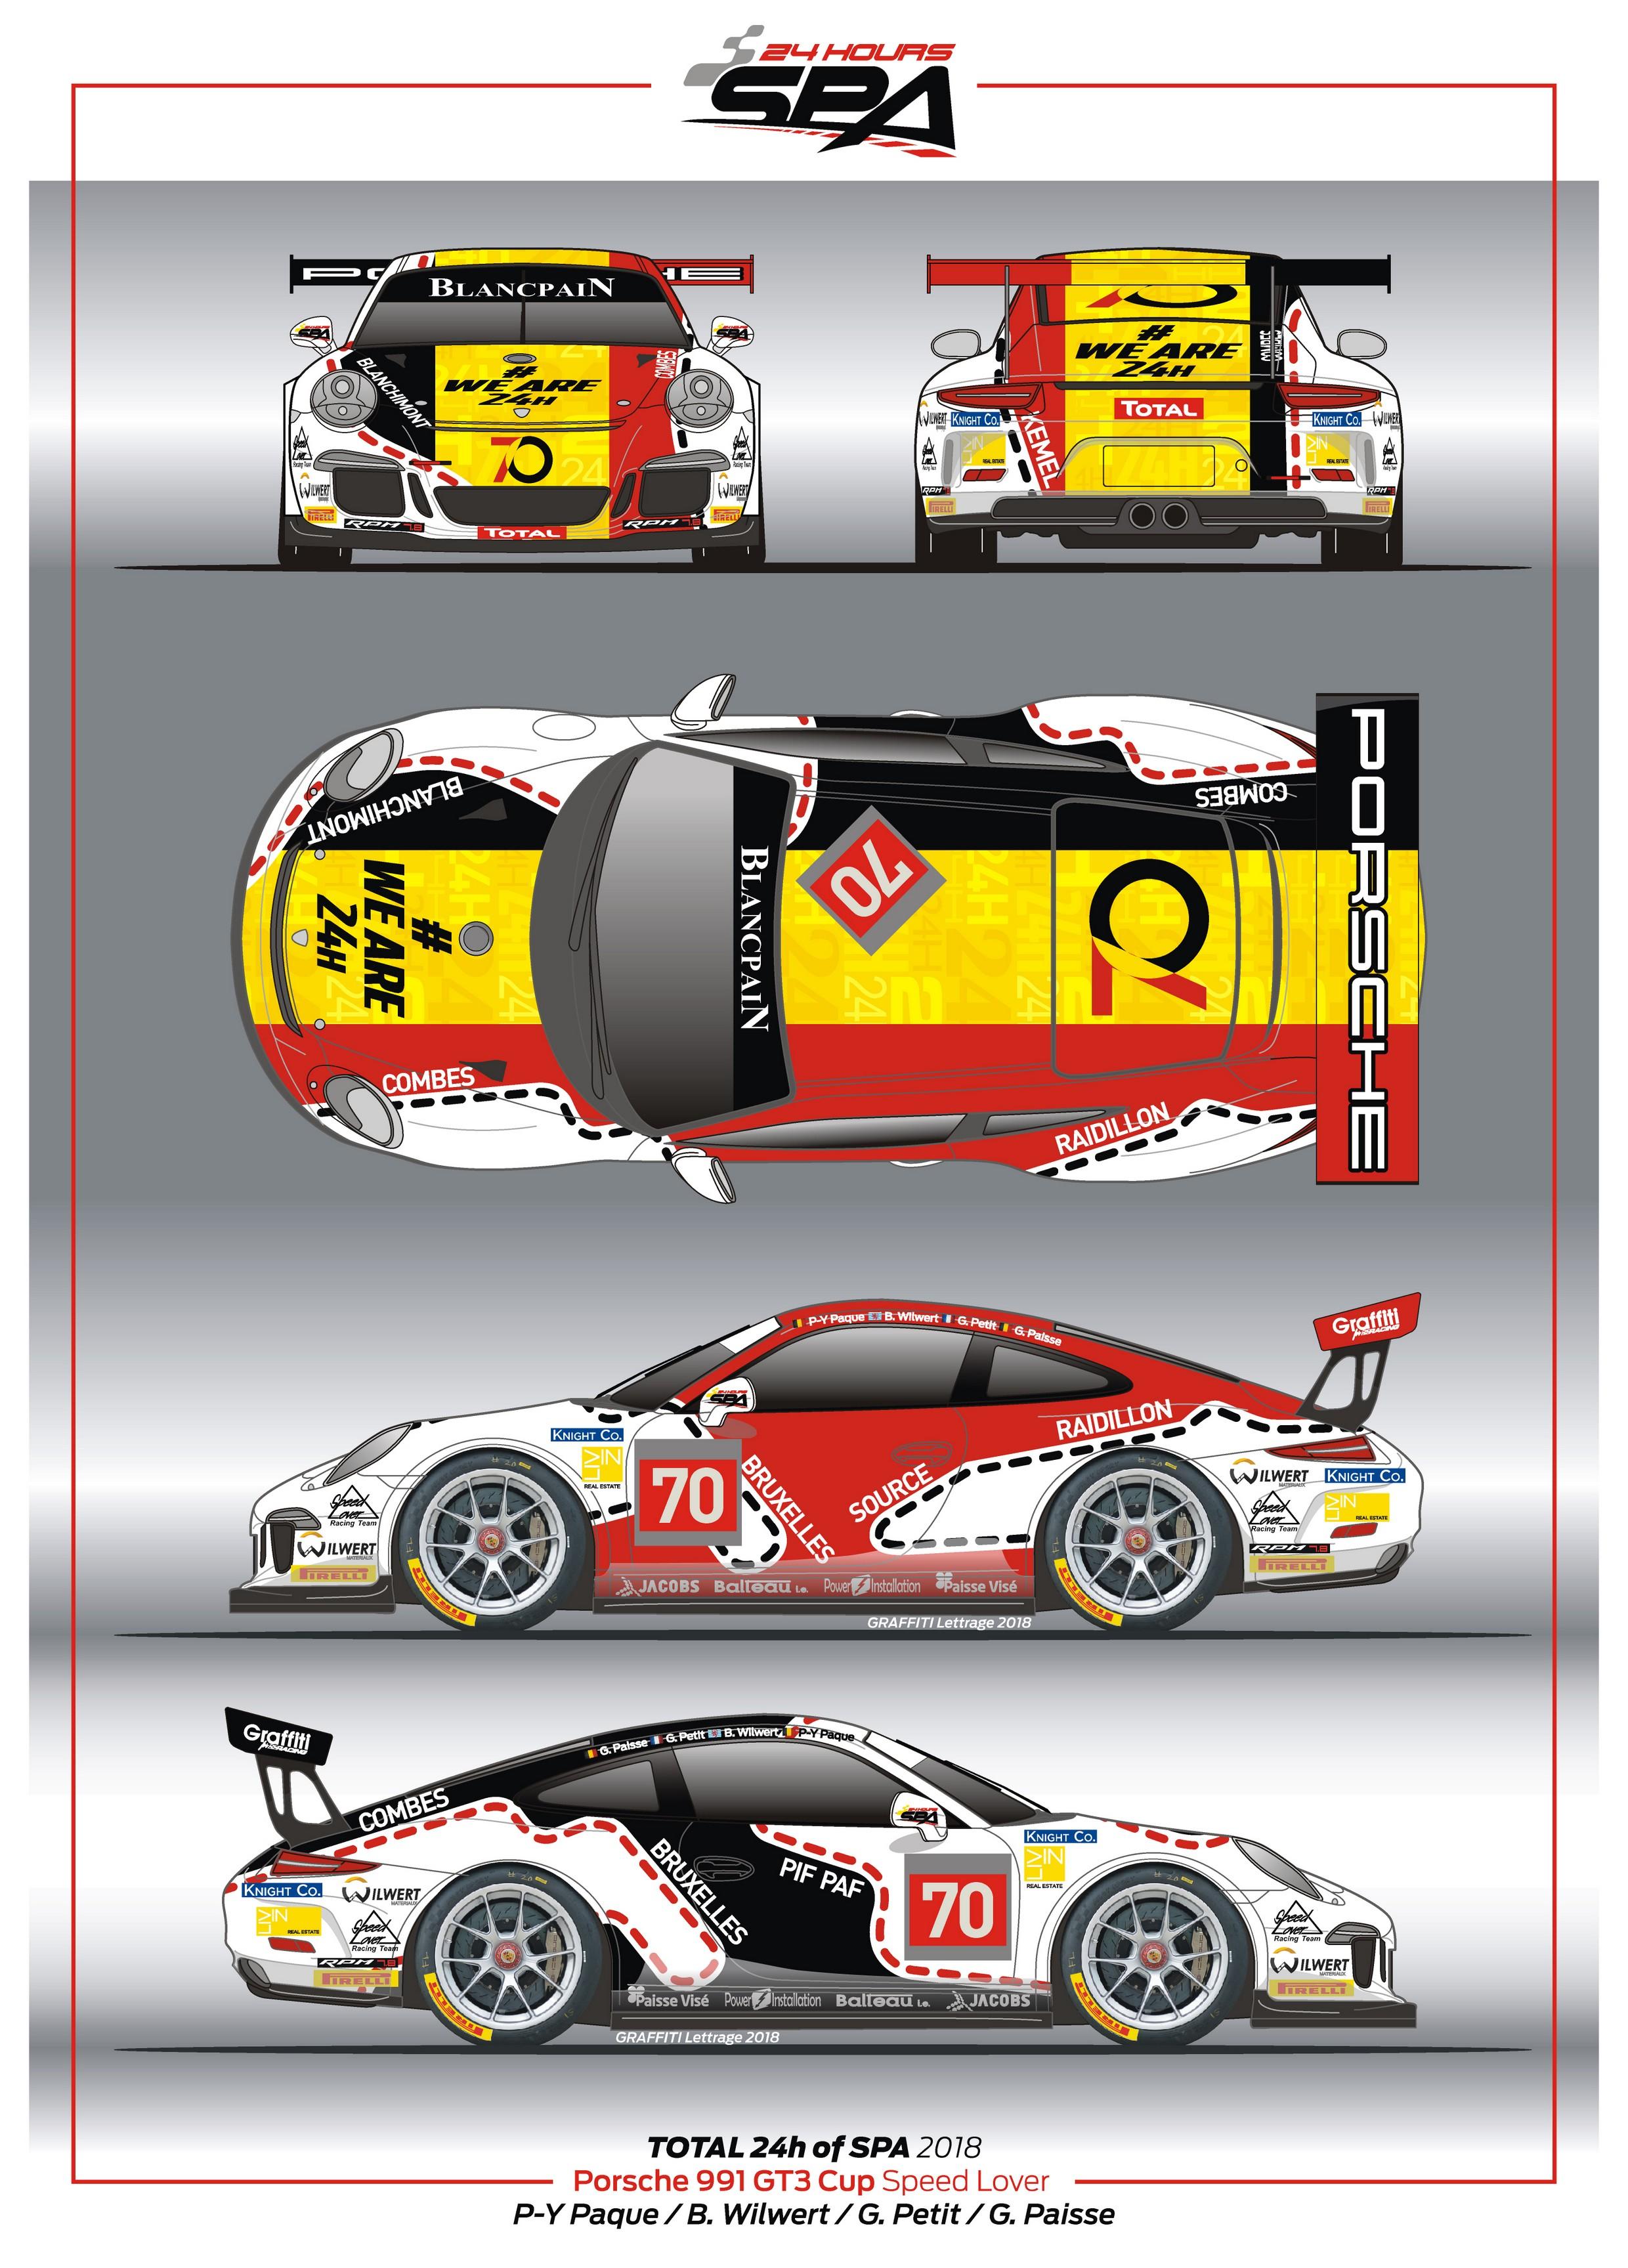 Paque-Paisse-Wilwert-Petit met een Porsche 991 GT3 Cup Speedlover Racing #70 #weare24H!